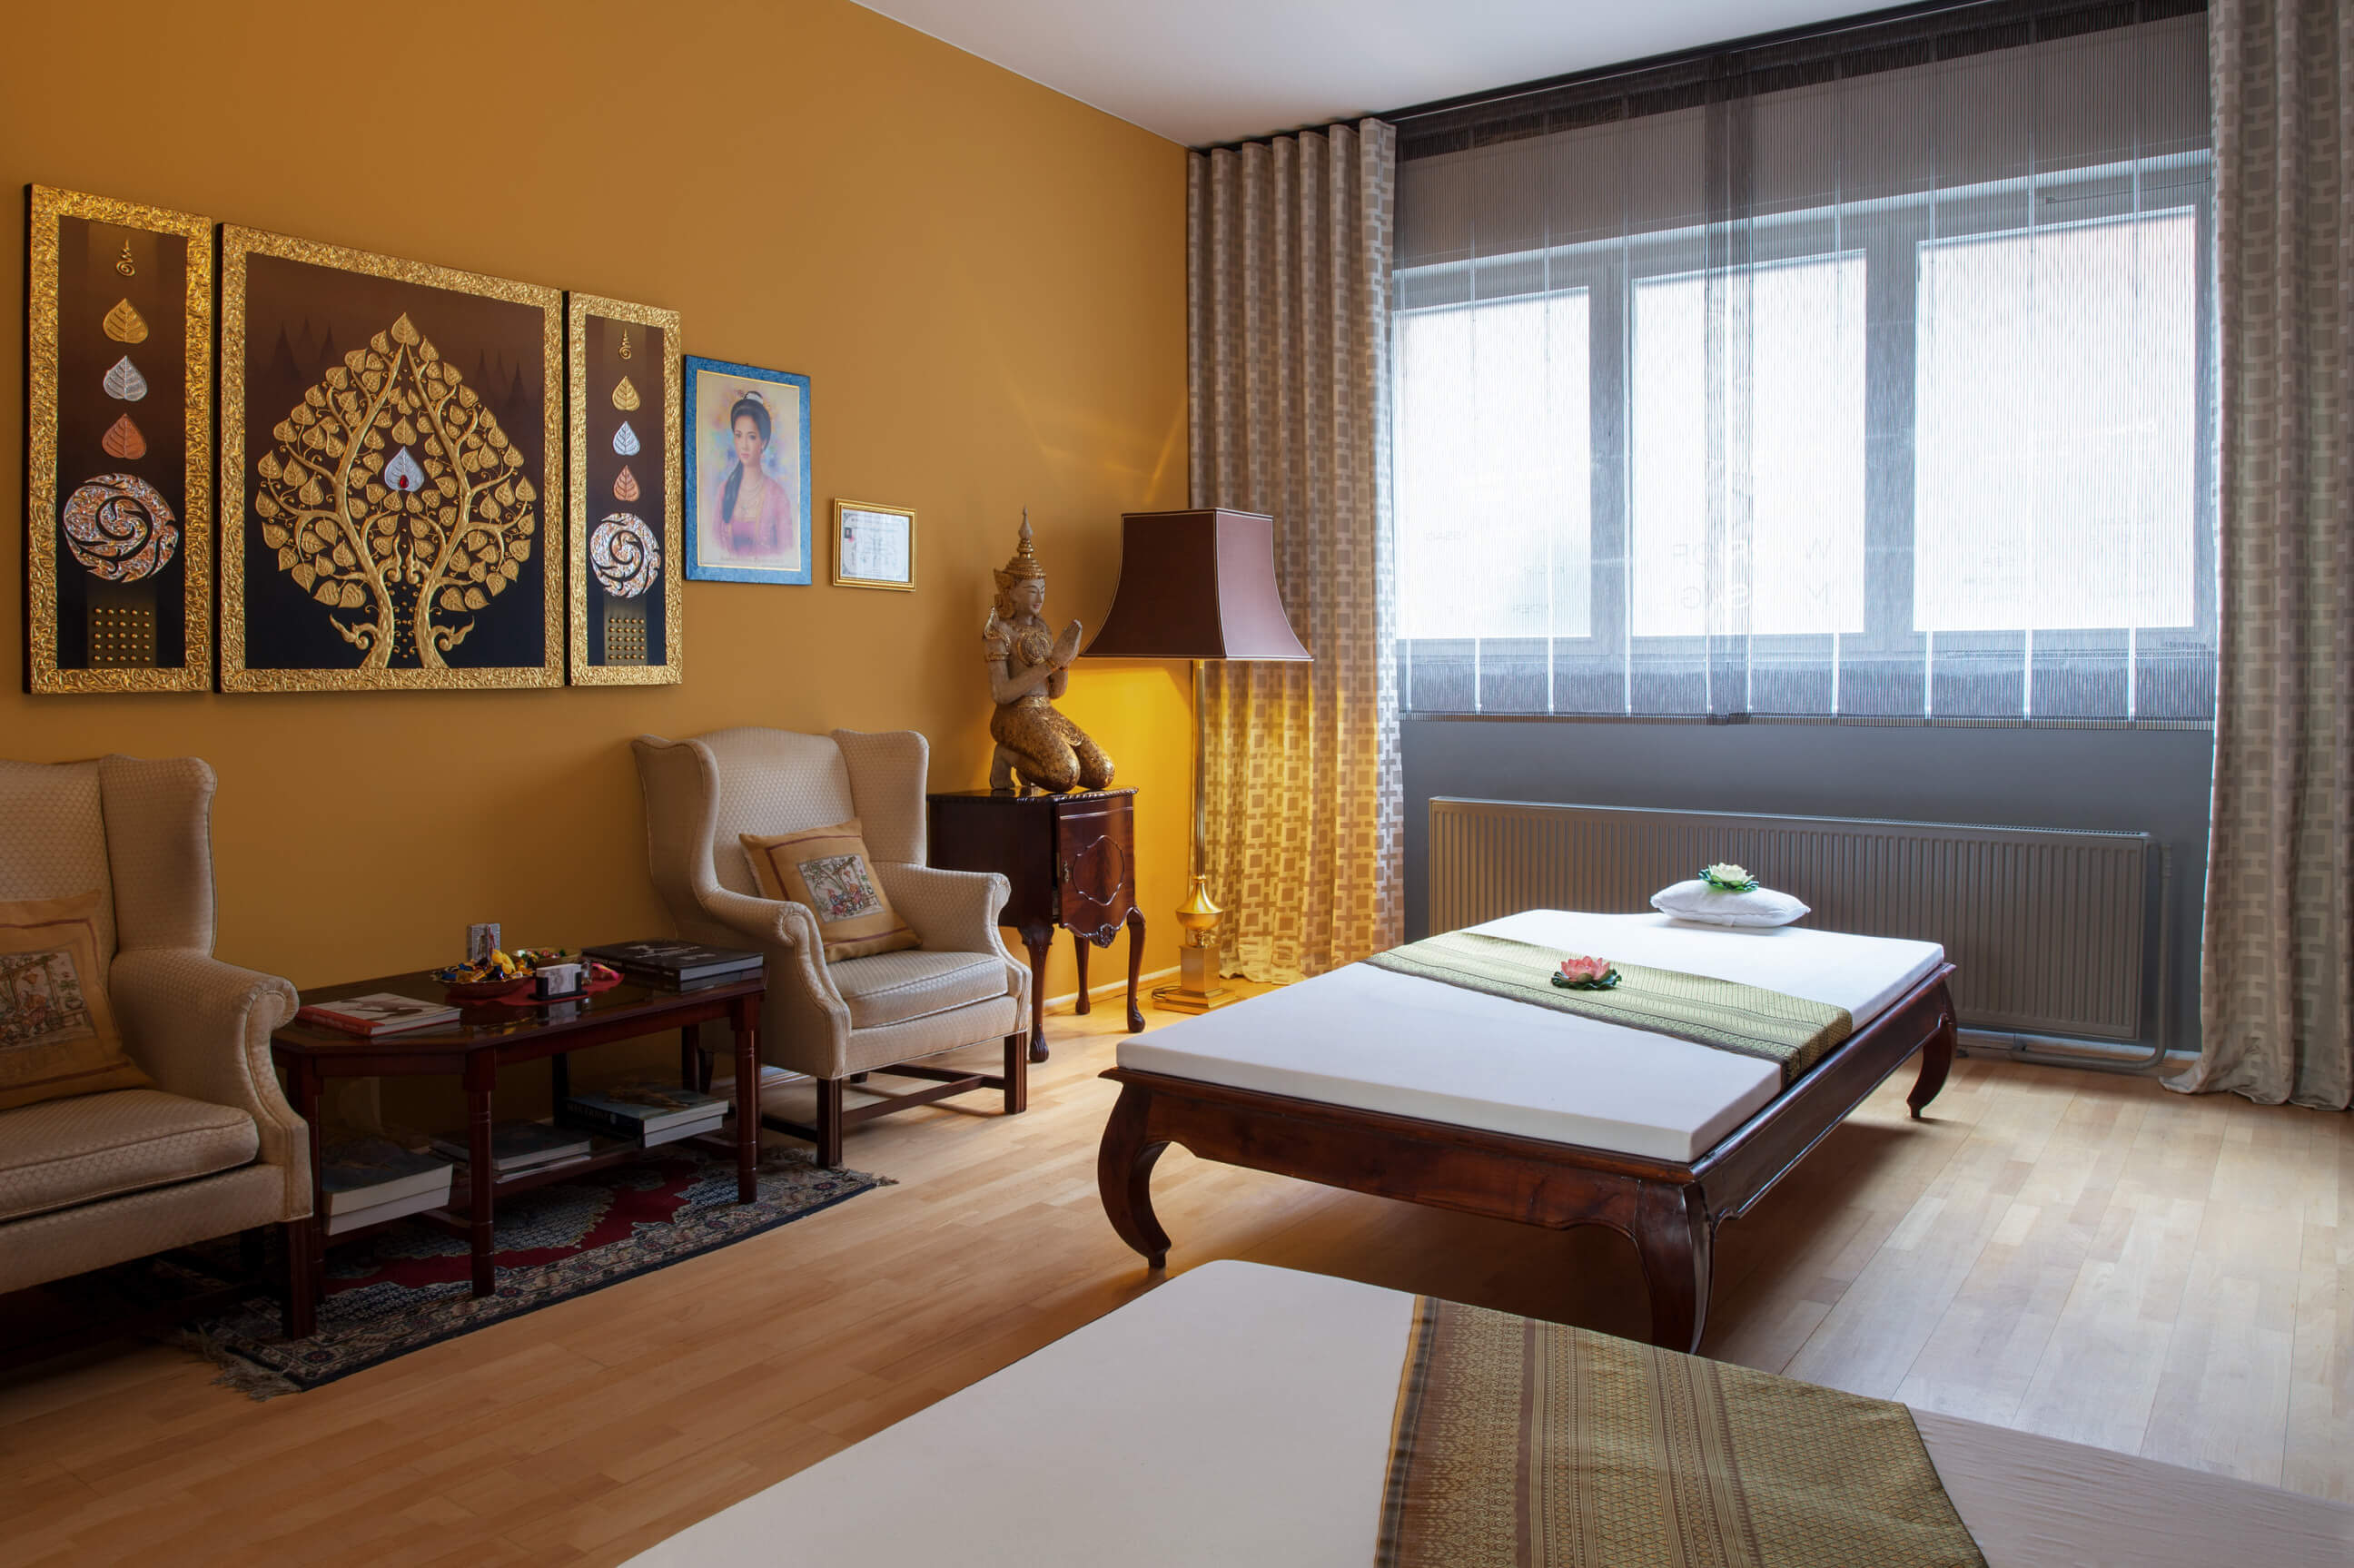 Eine kräftig Gelb gestrichene Wand im Farbton India Yellow von Farrow and Ball